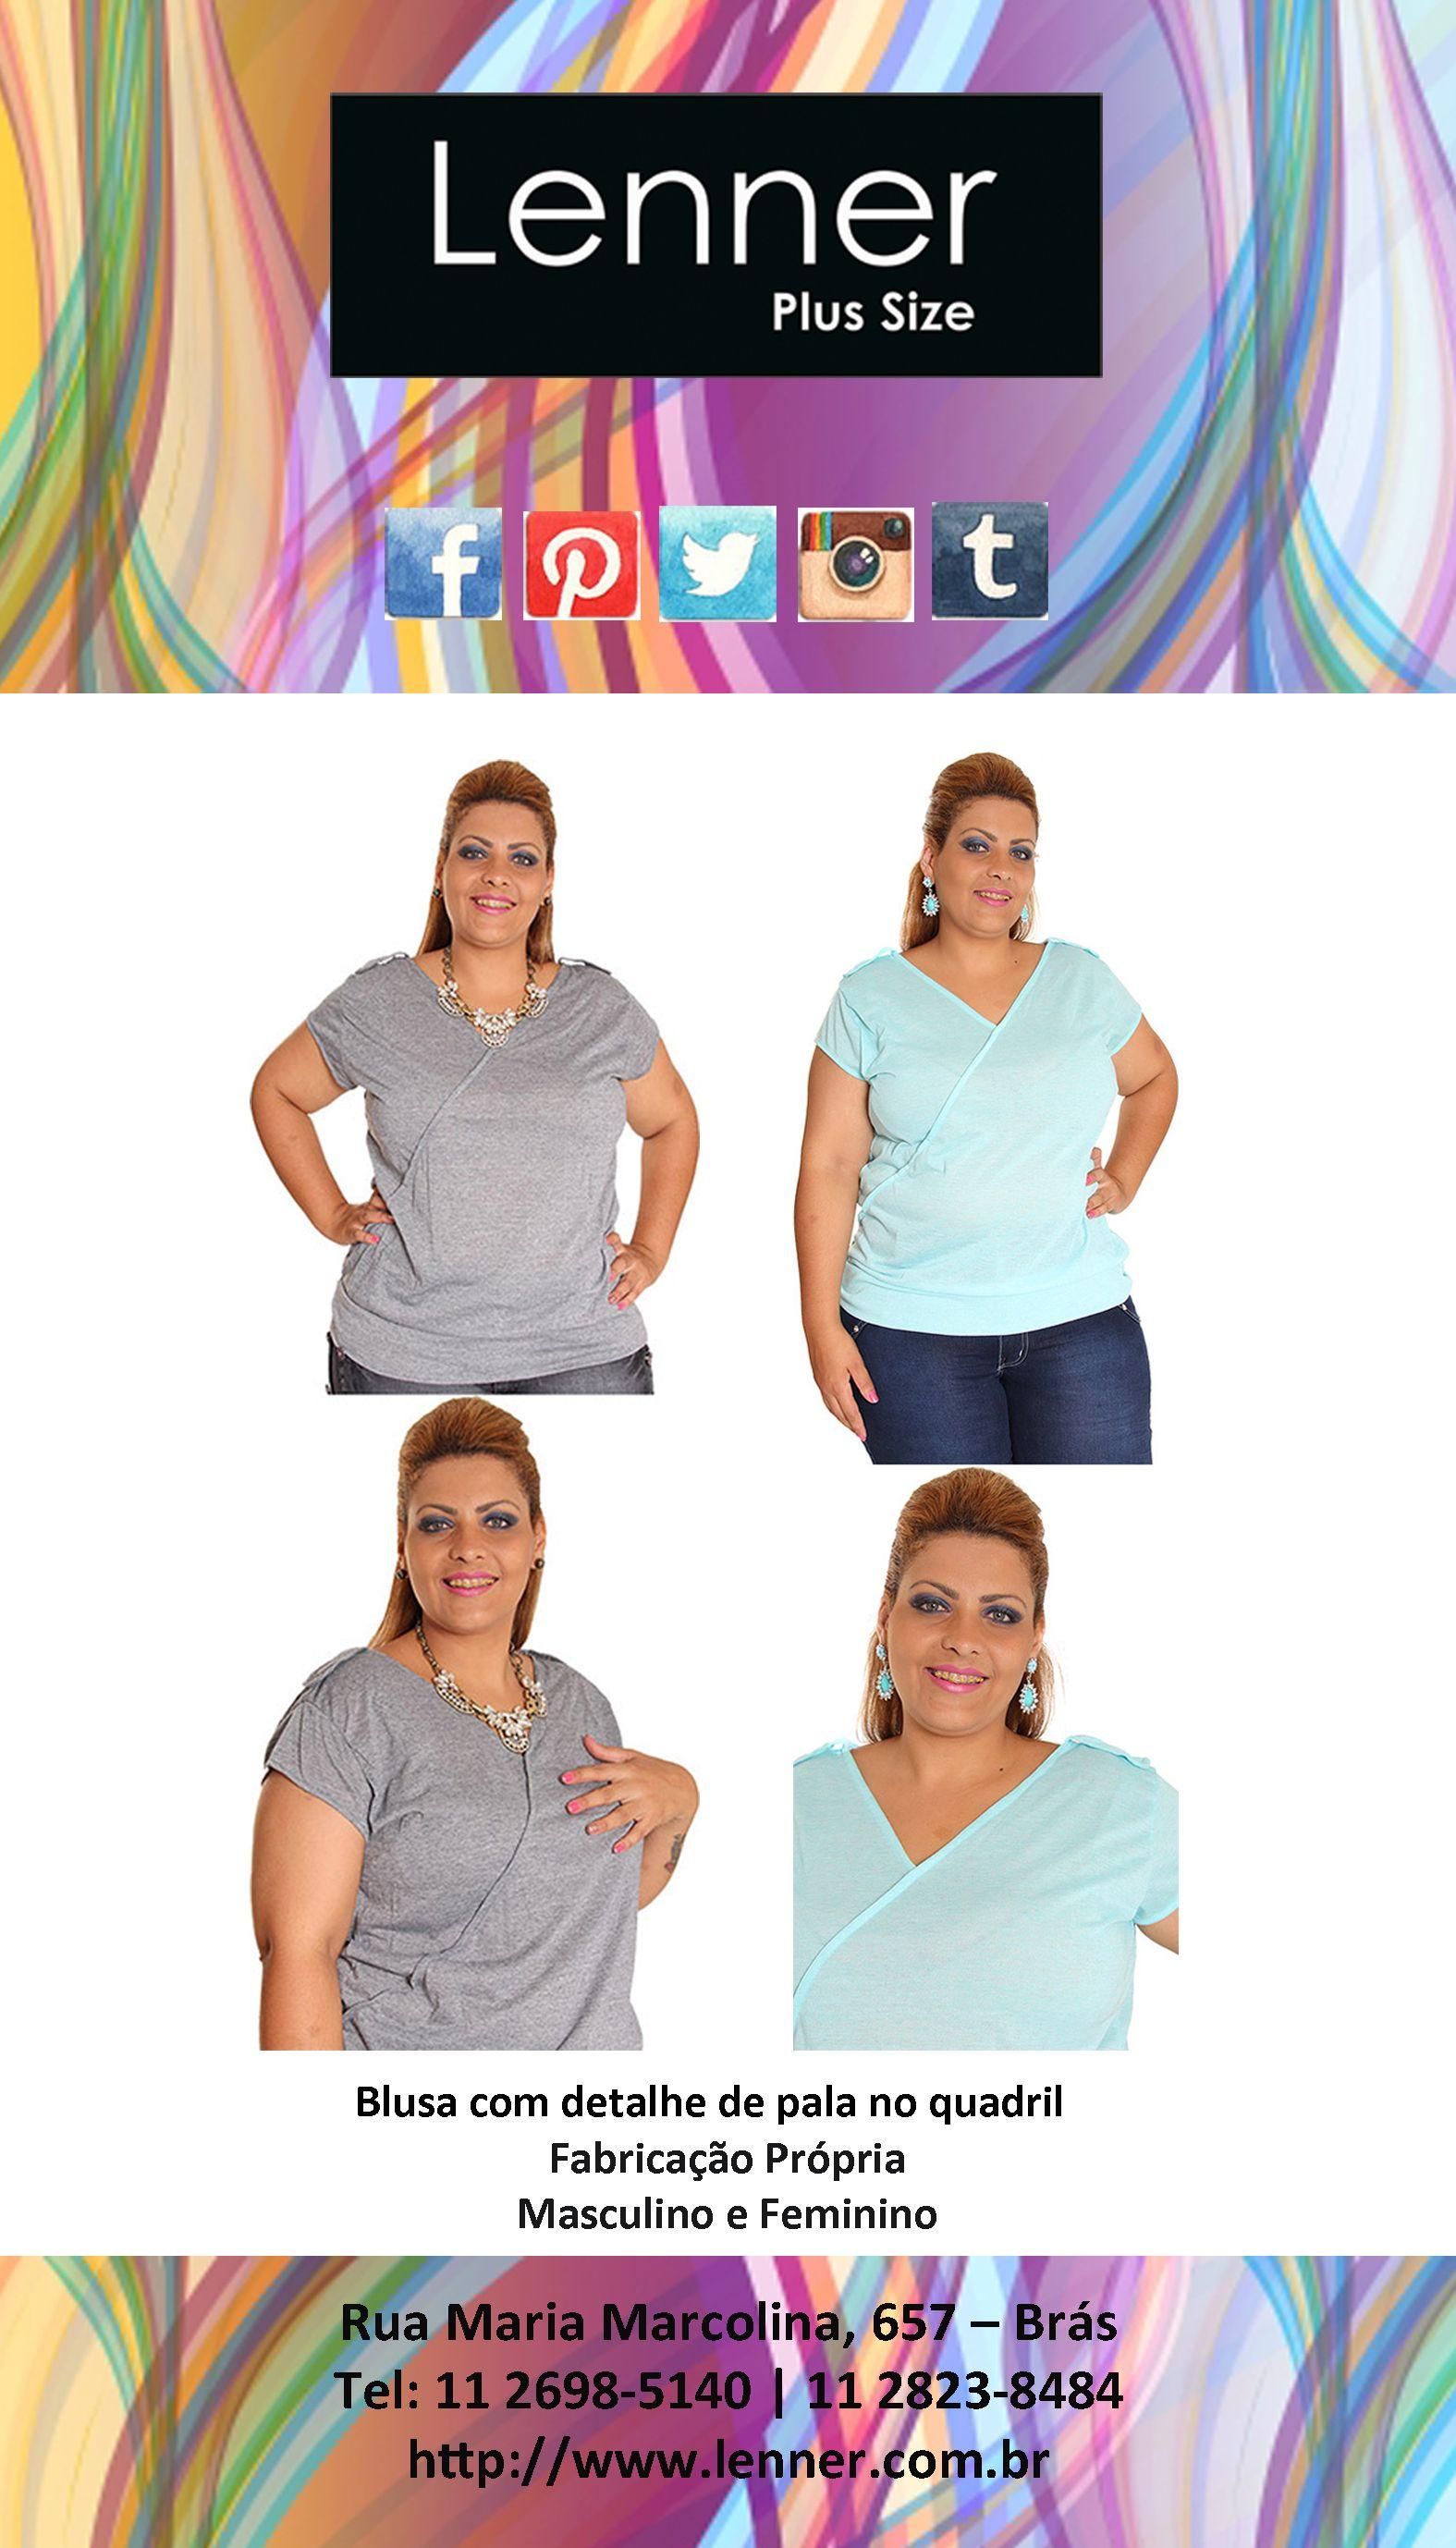 Blusa com detalhe de pala no quadril, linda linda!!!! #Cinza #Azul #ÚltimasPeças